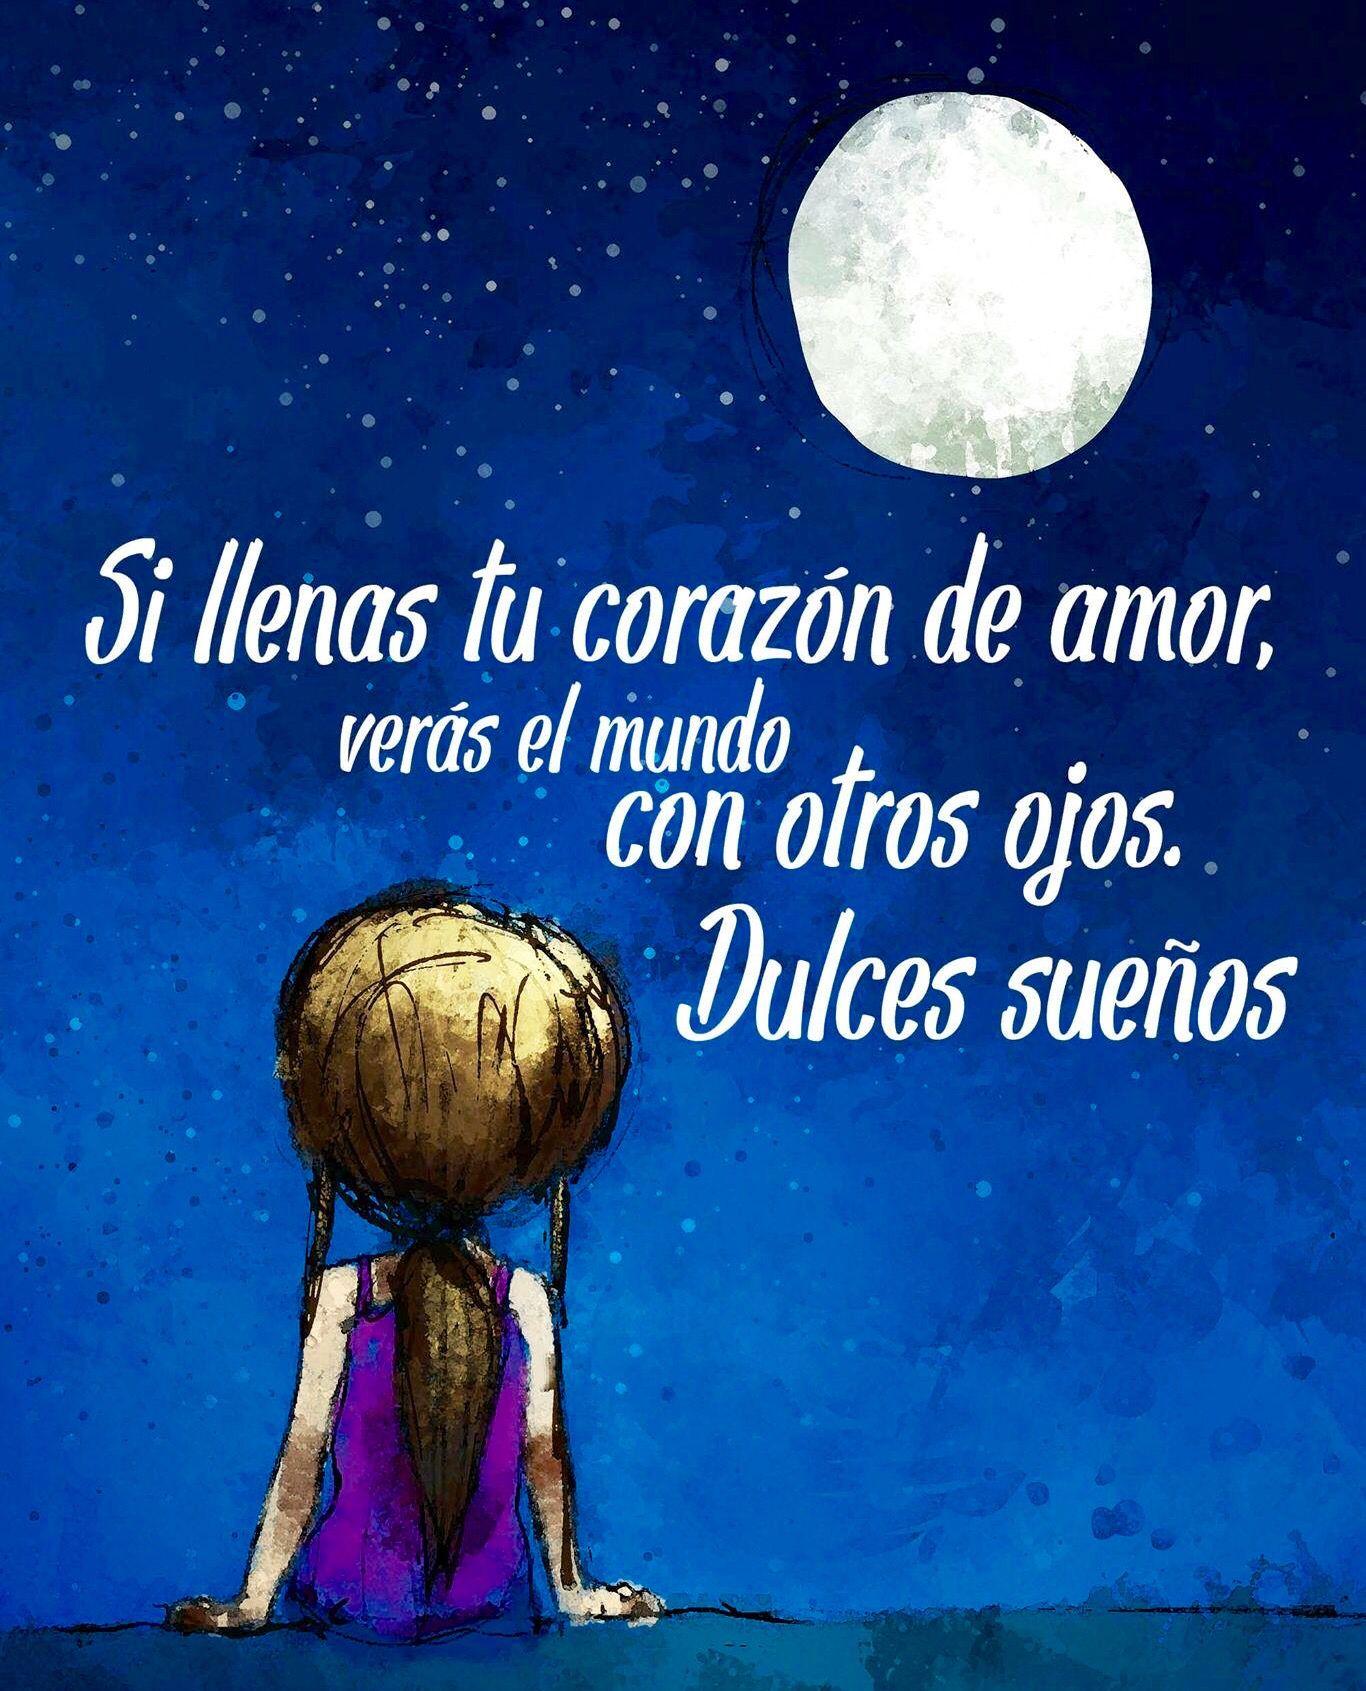 Si llenas tu coraz³n de amor veras el mundo con otros ojos